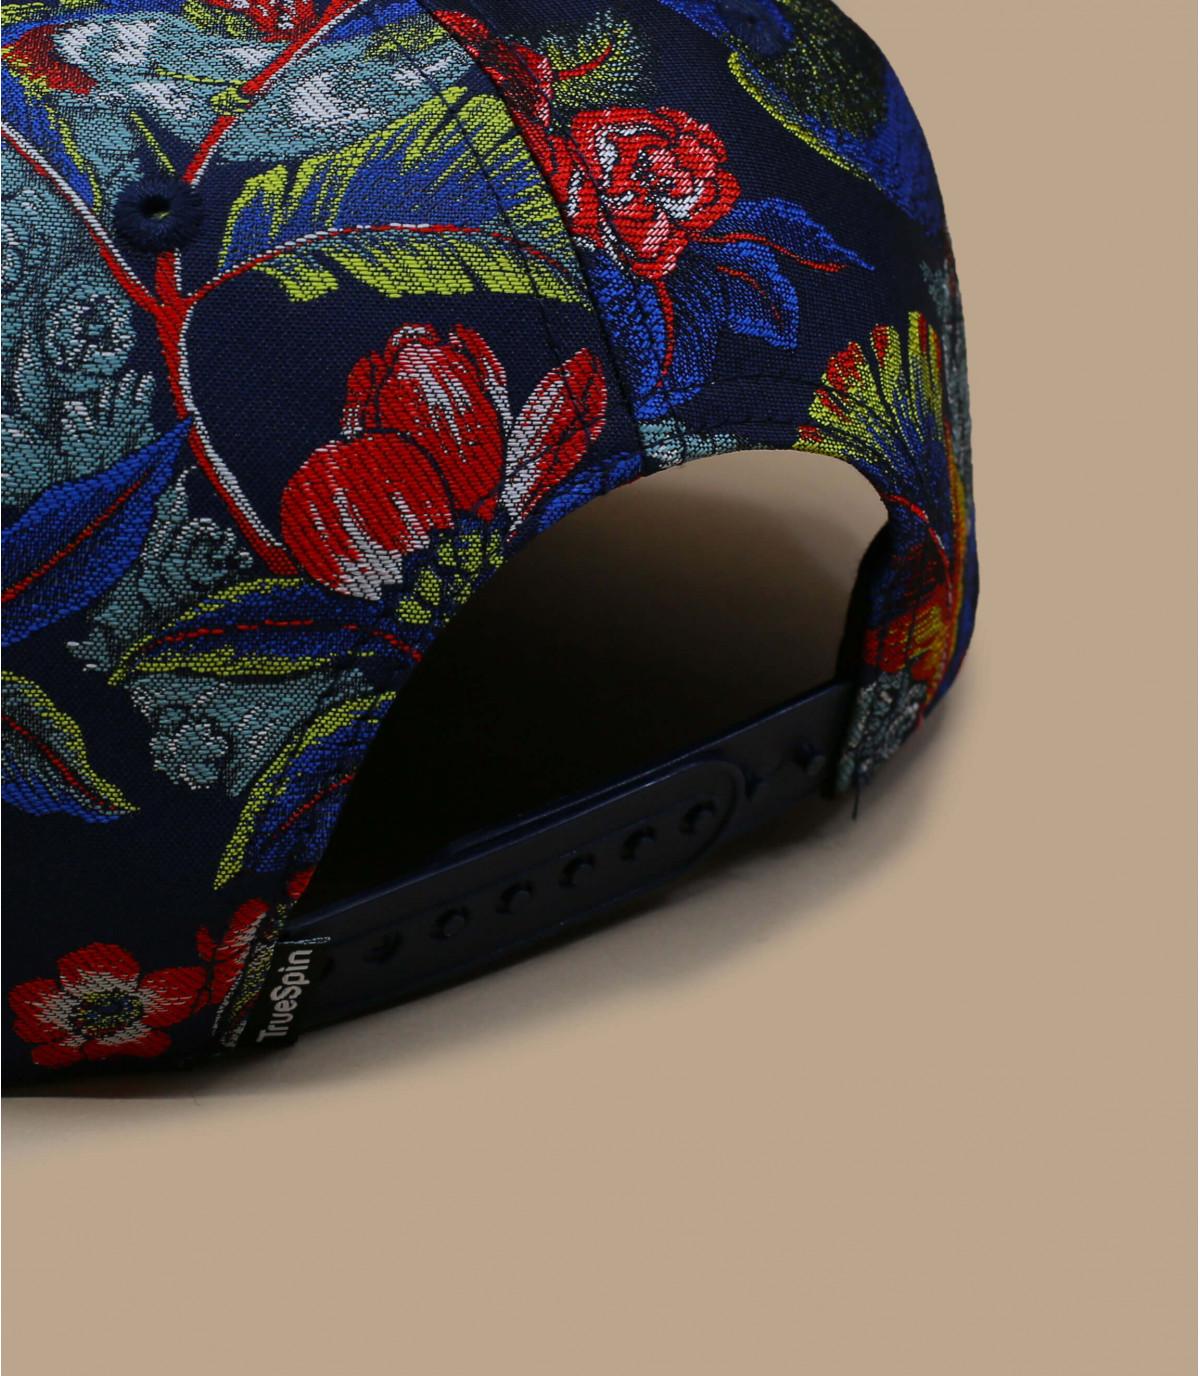 Details Snapback Shokufe floral navy - afbeeling 3